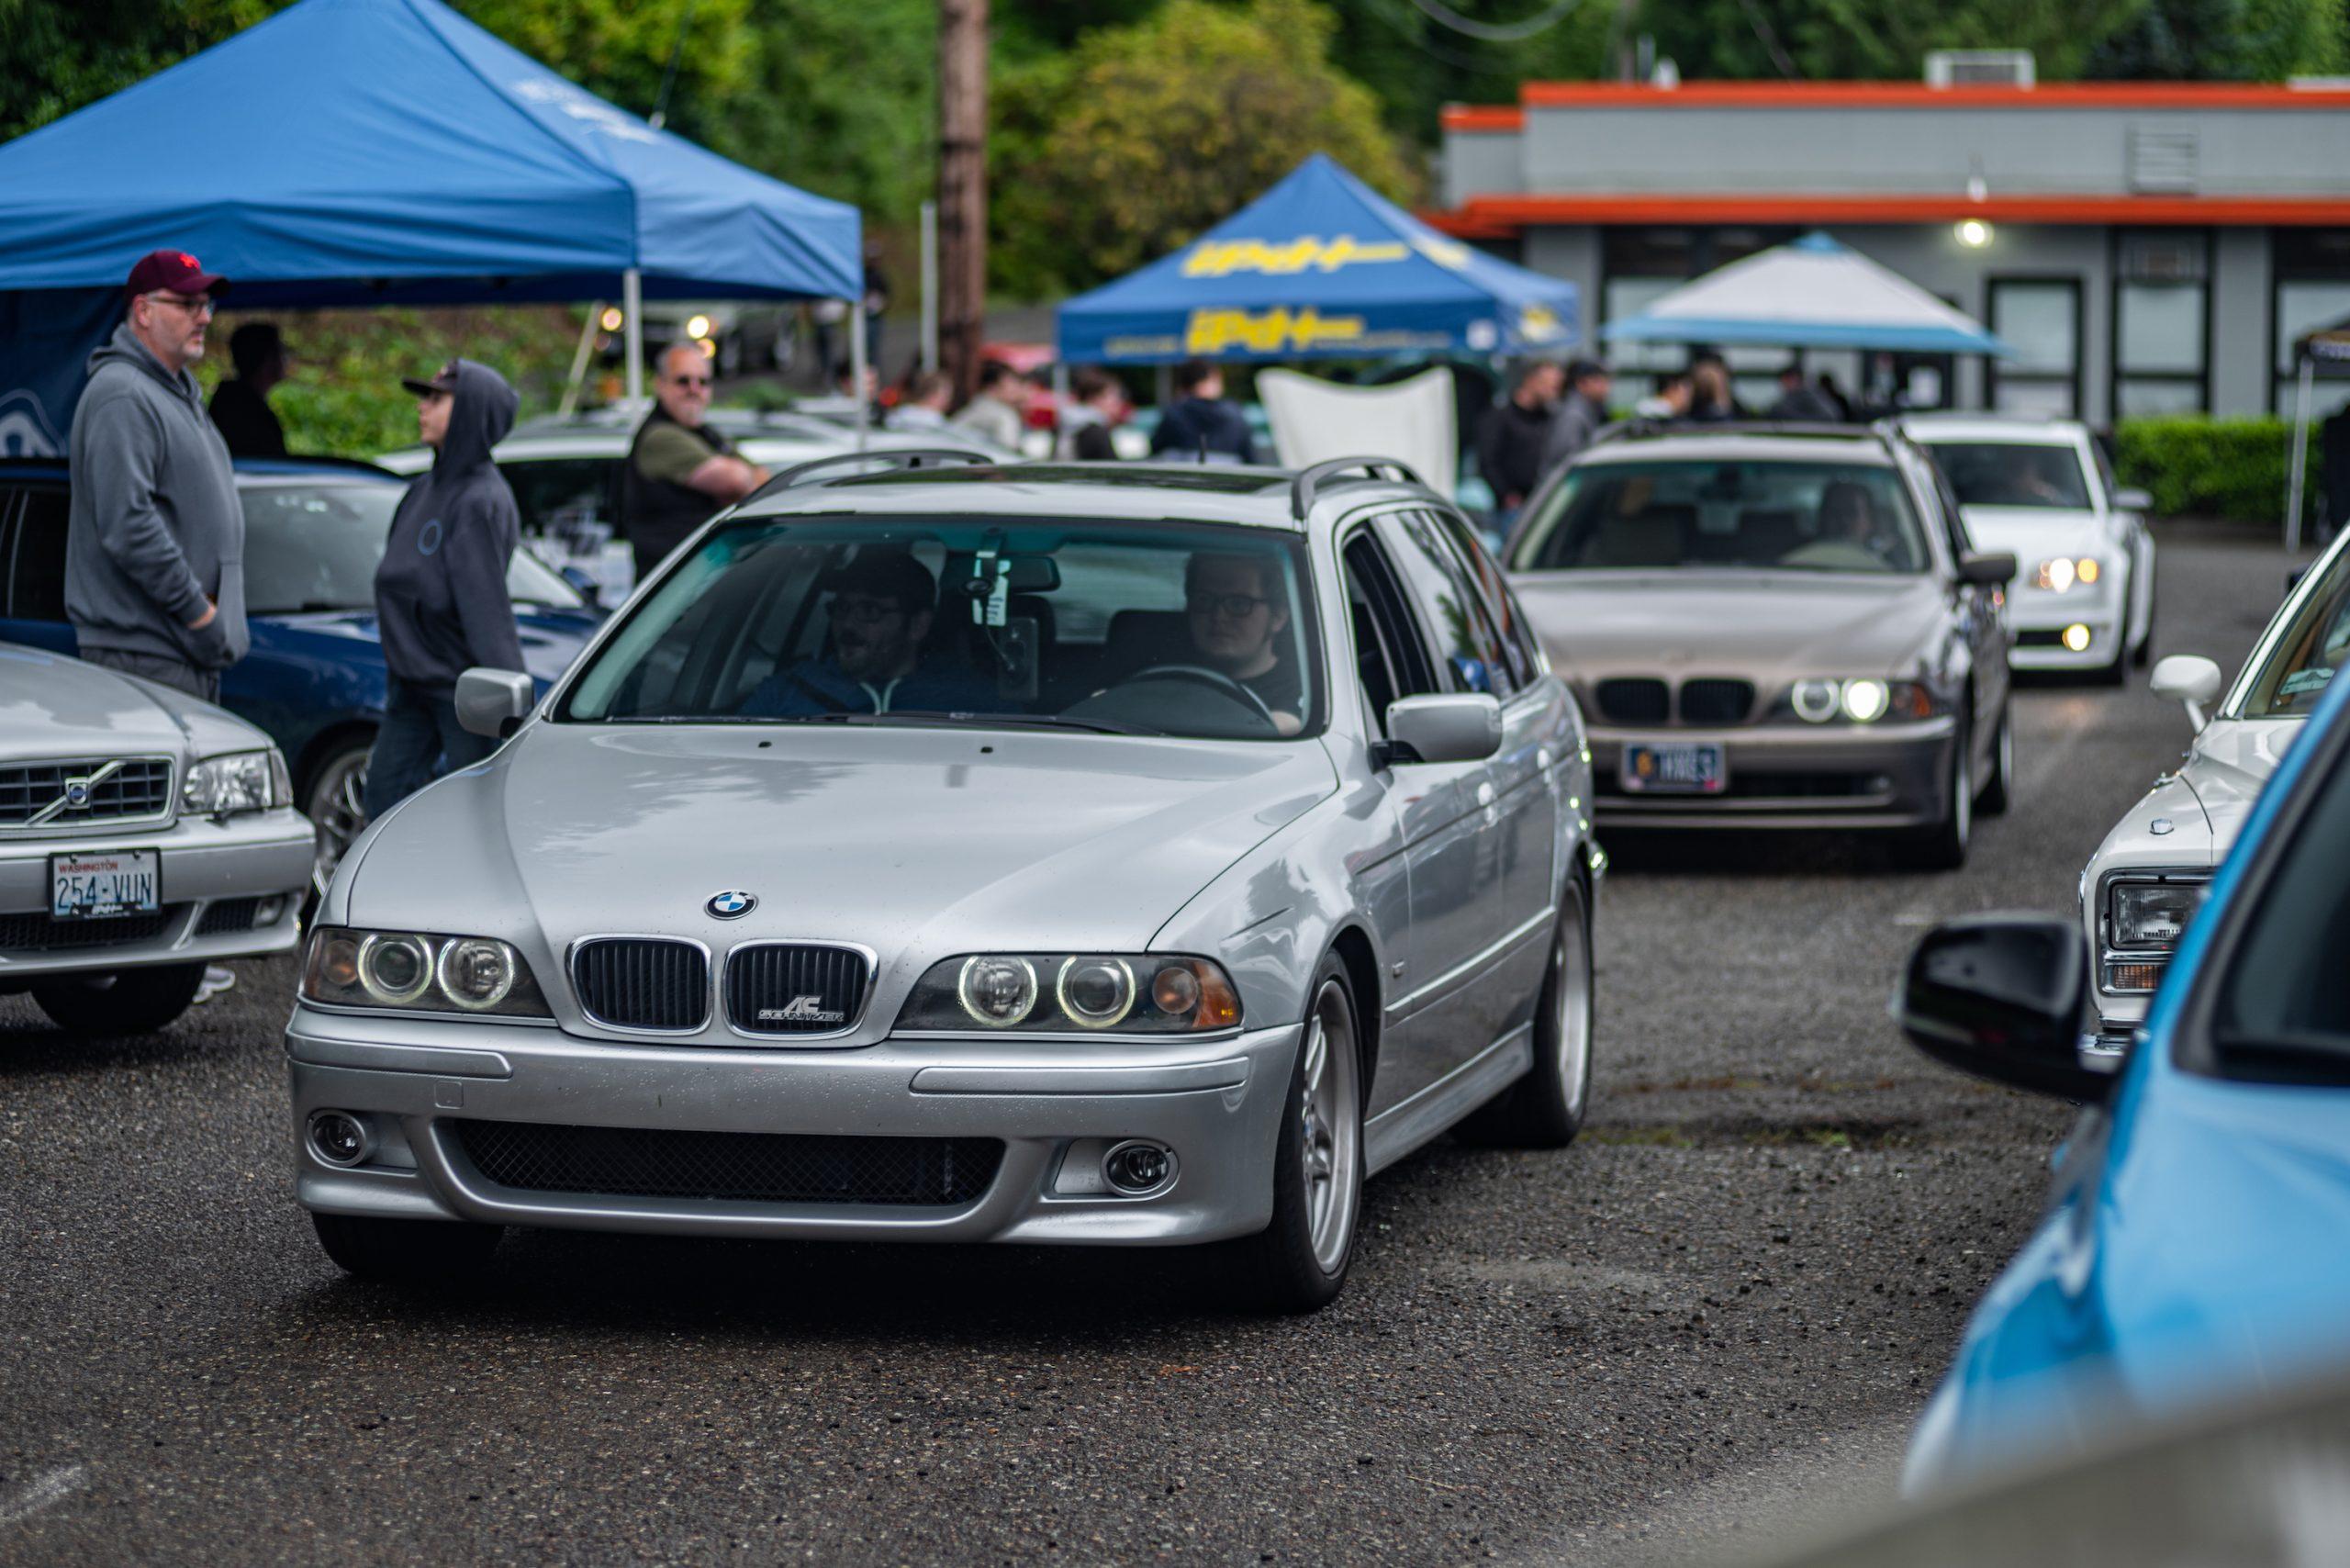 BMW Wagons Rolling Through Festival